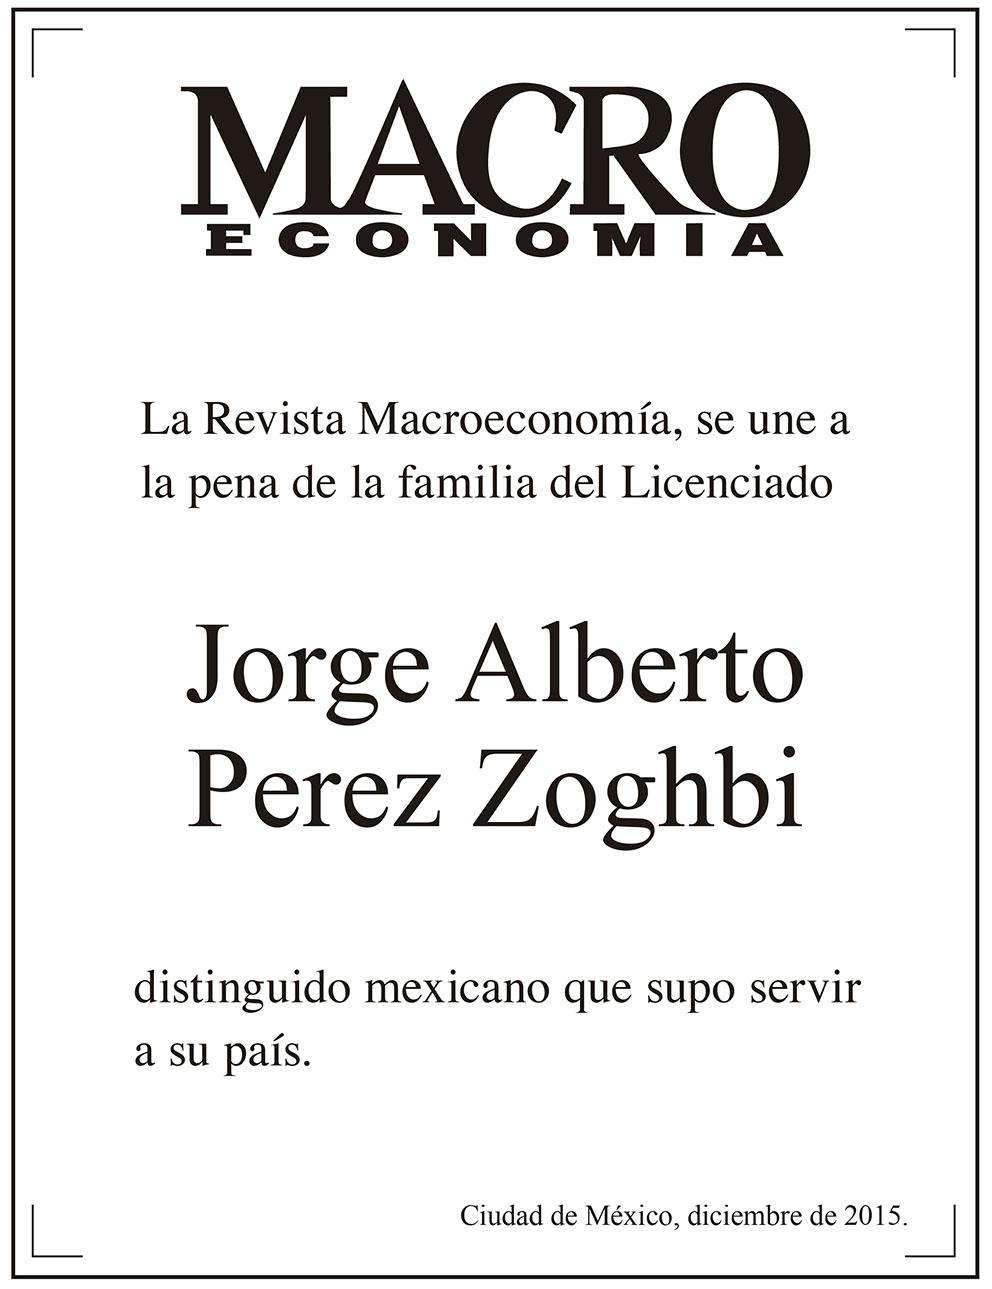 Photo of La Revista Macroeconomía, se une a la pena de la familia del Licenciado Jorge Alberto Pérez Zoghbi